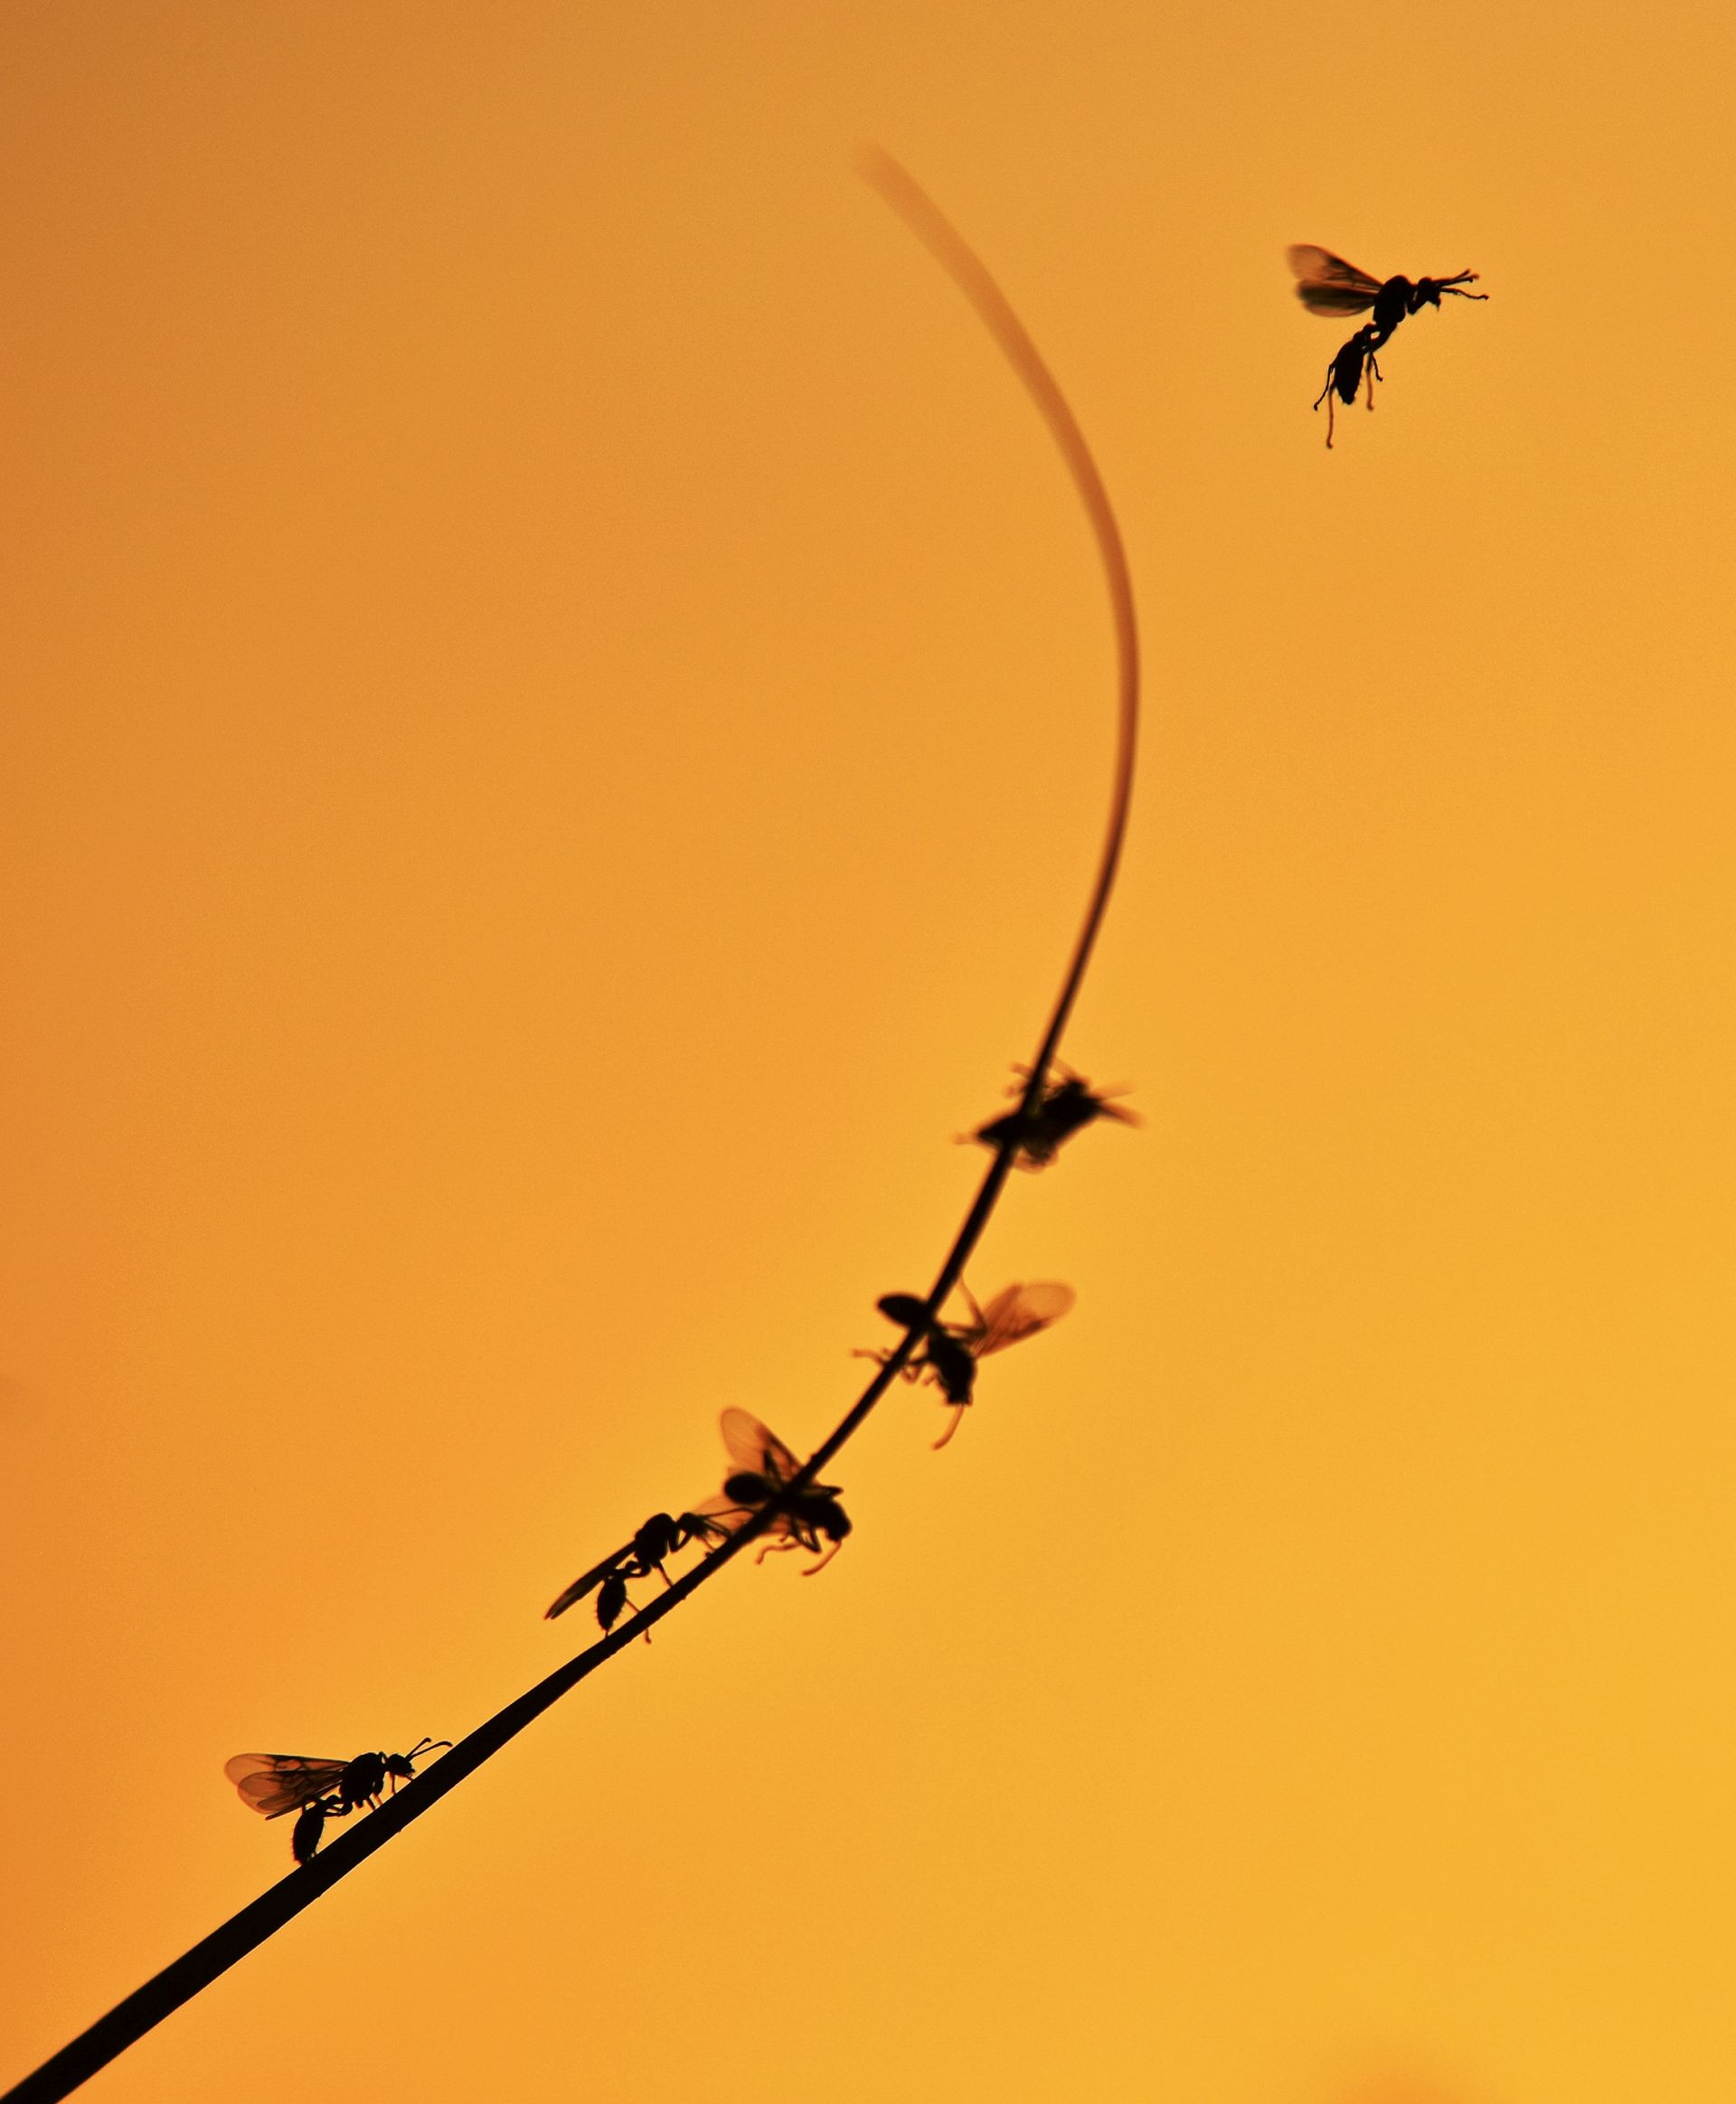 Fotó: Gergely József: Ugrás az alkonyatba<br />Nem sokkal naplemente előtt a nászukra készülő szárnyas hangyák egymás után másztak fel a nád leveleinek csúcsára, hogy innen, magasabb pozícióból startoljanak el párt keresni maguknak, még mielőtt lemegy a nap.<br /><br />Az állatok viselkedése<br />2. díj